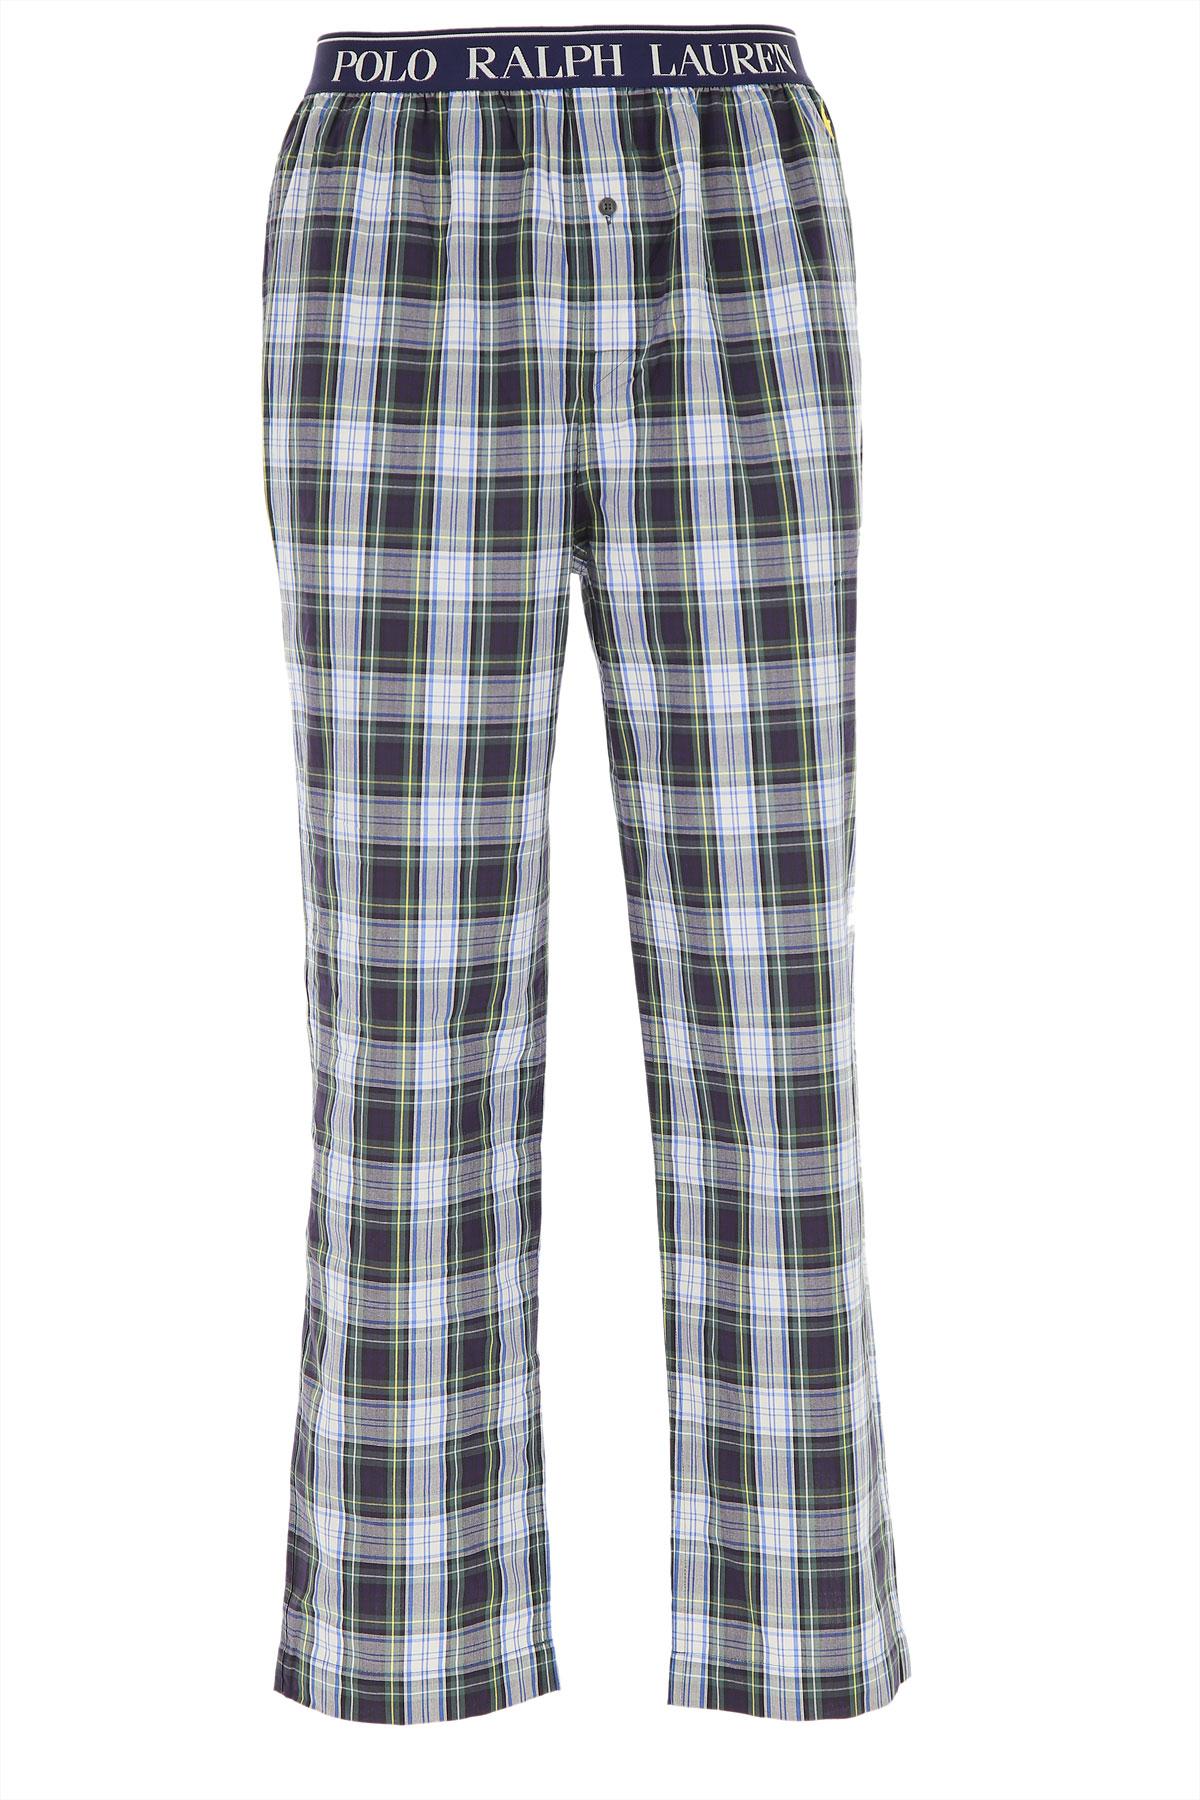 Ralph Lauren Loungewear for Men, Dark Blue, Cotton, 2019, S (IT 3) L (IT 5) XL (IT 6)